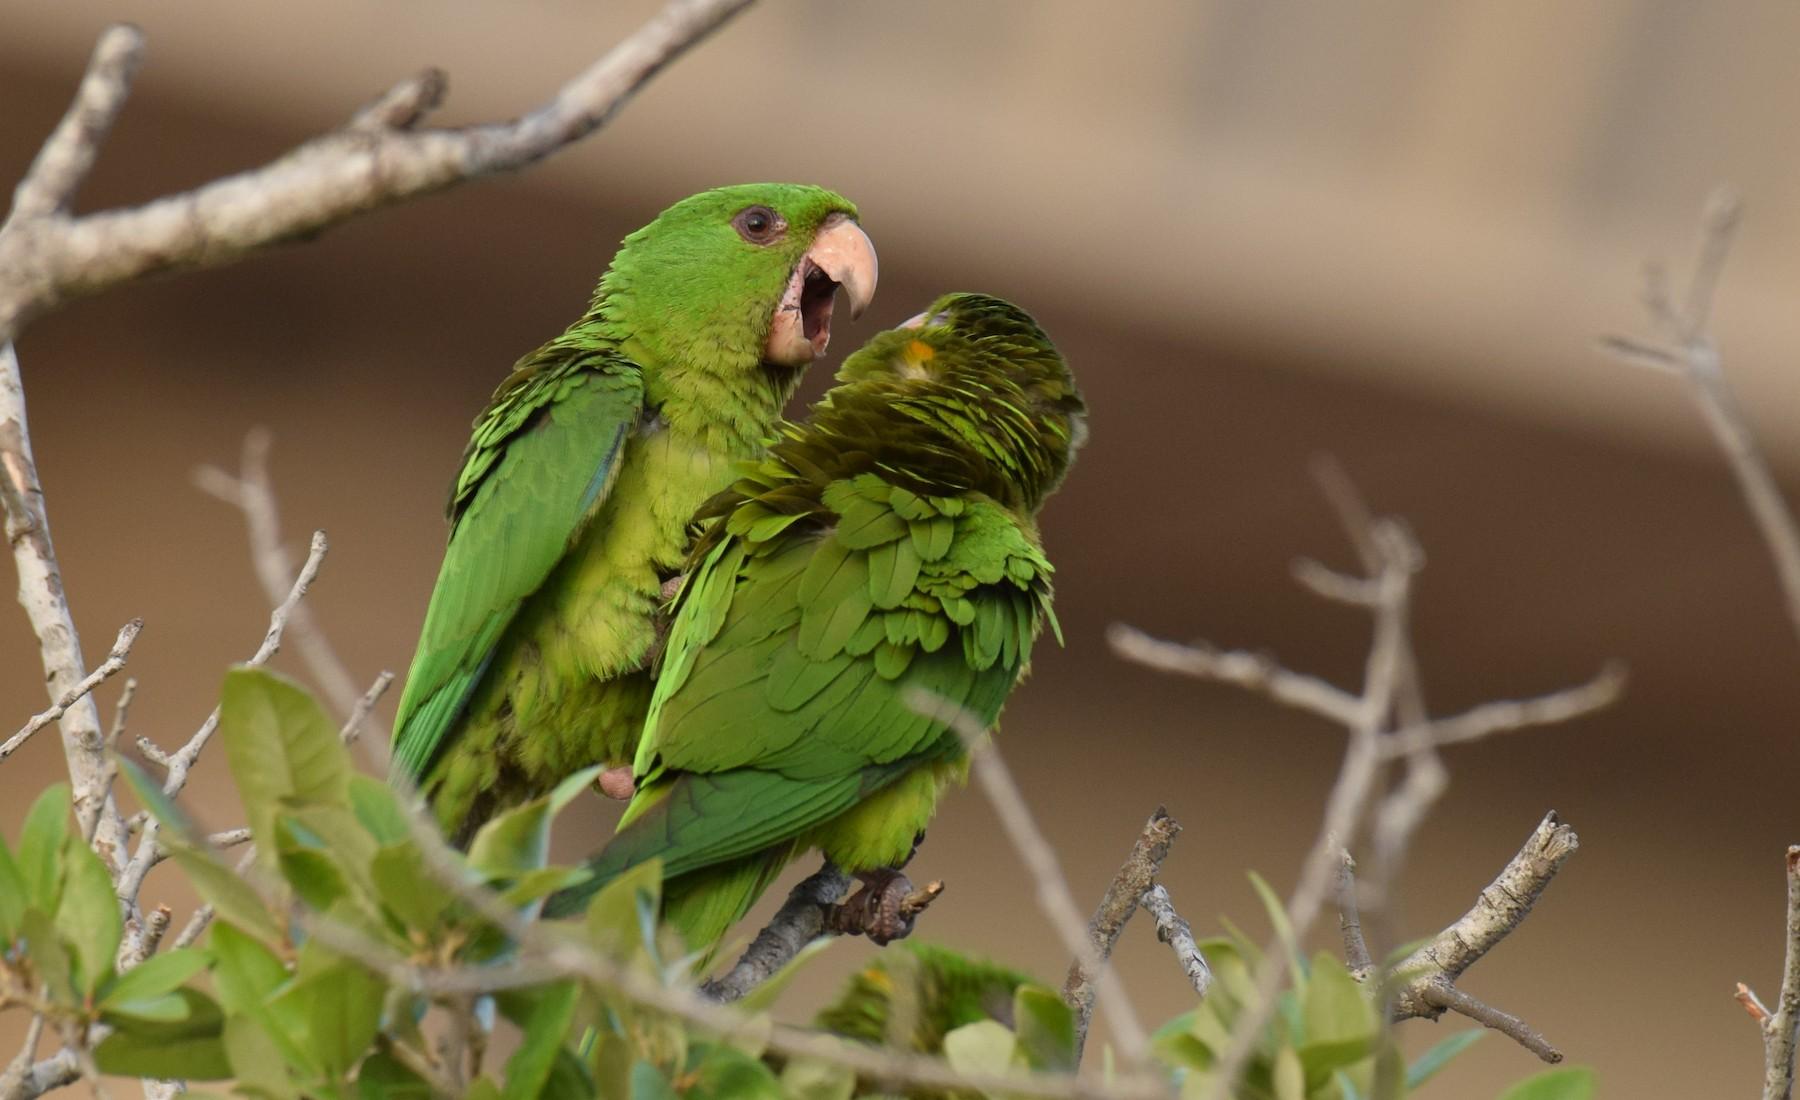 Una de las aves mexicanas es el perico verde.